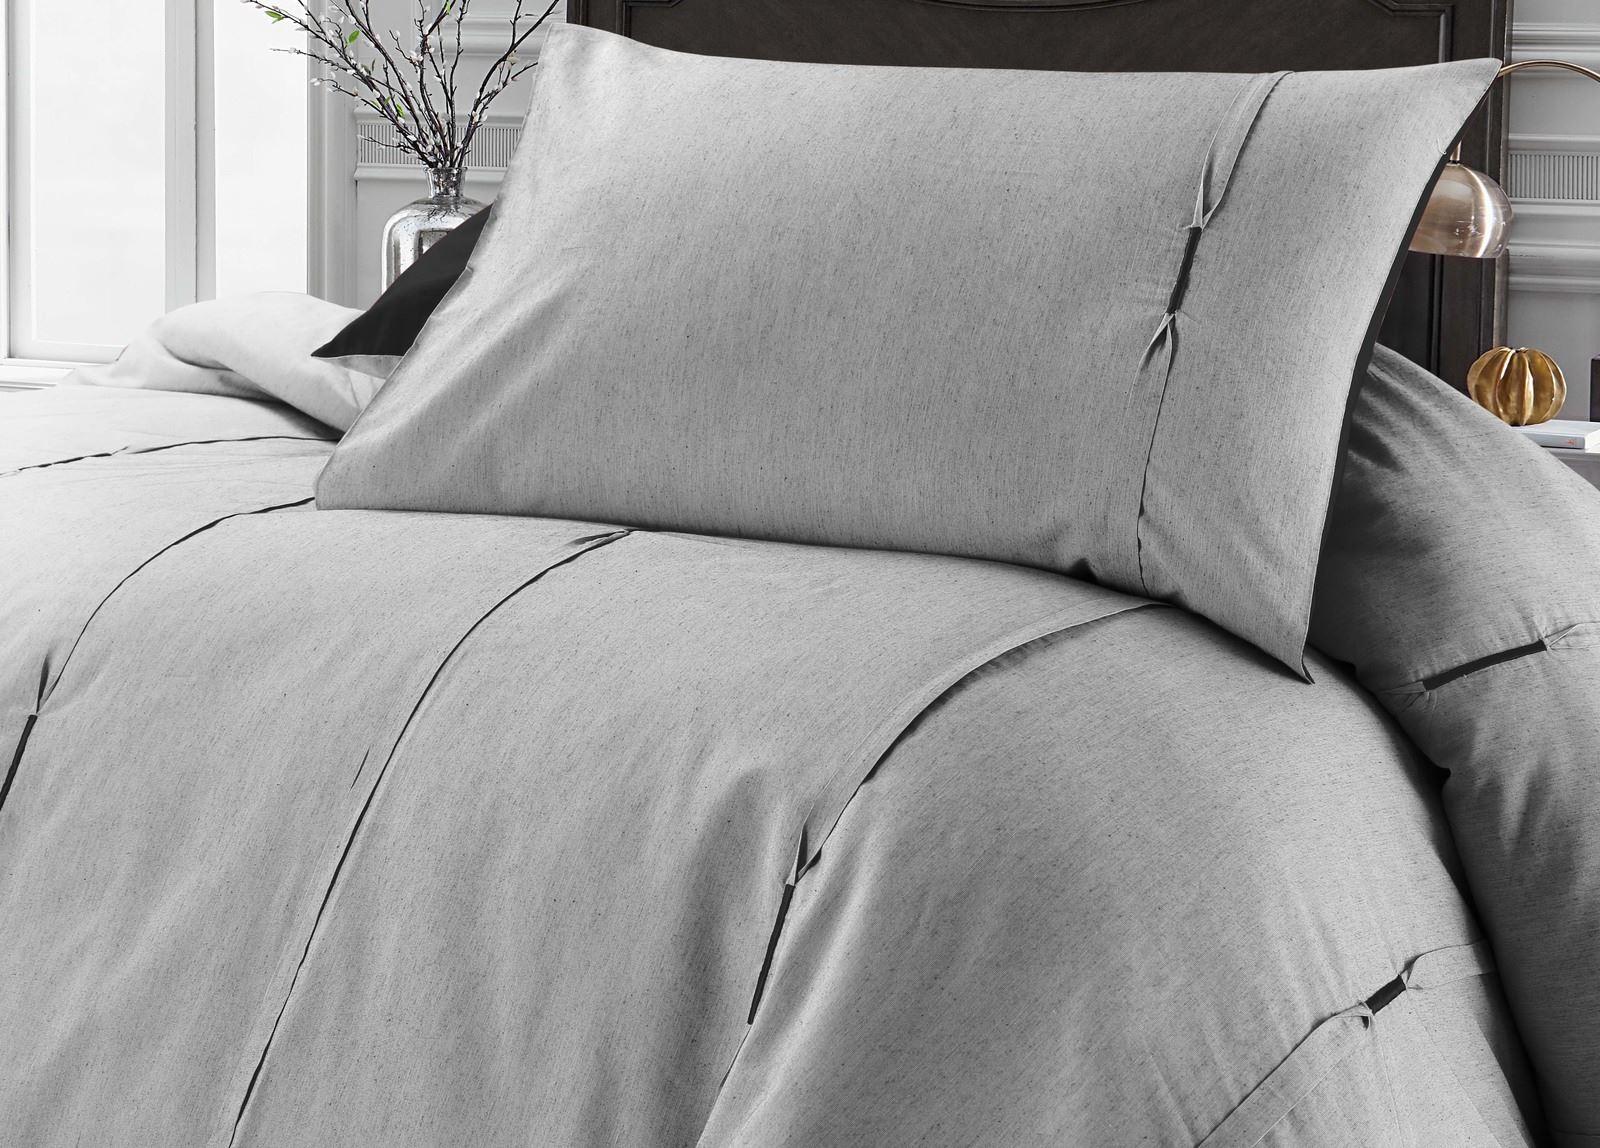 Luxe-Lambert-vertical-Pintuck-plissee-Soft-Couette-Parure-De-Lit-Gris-amp-Noir miniature 6